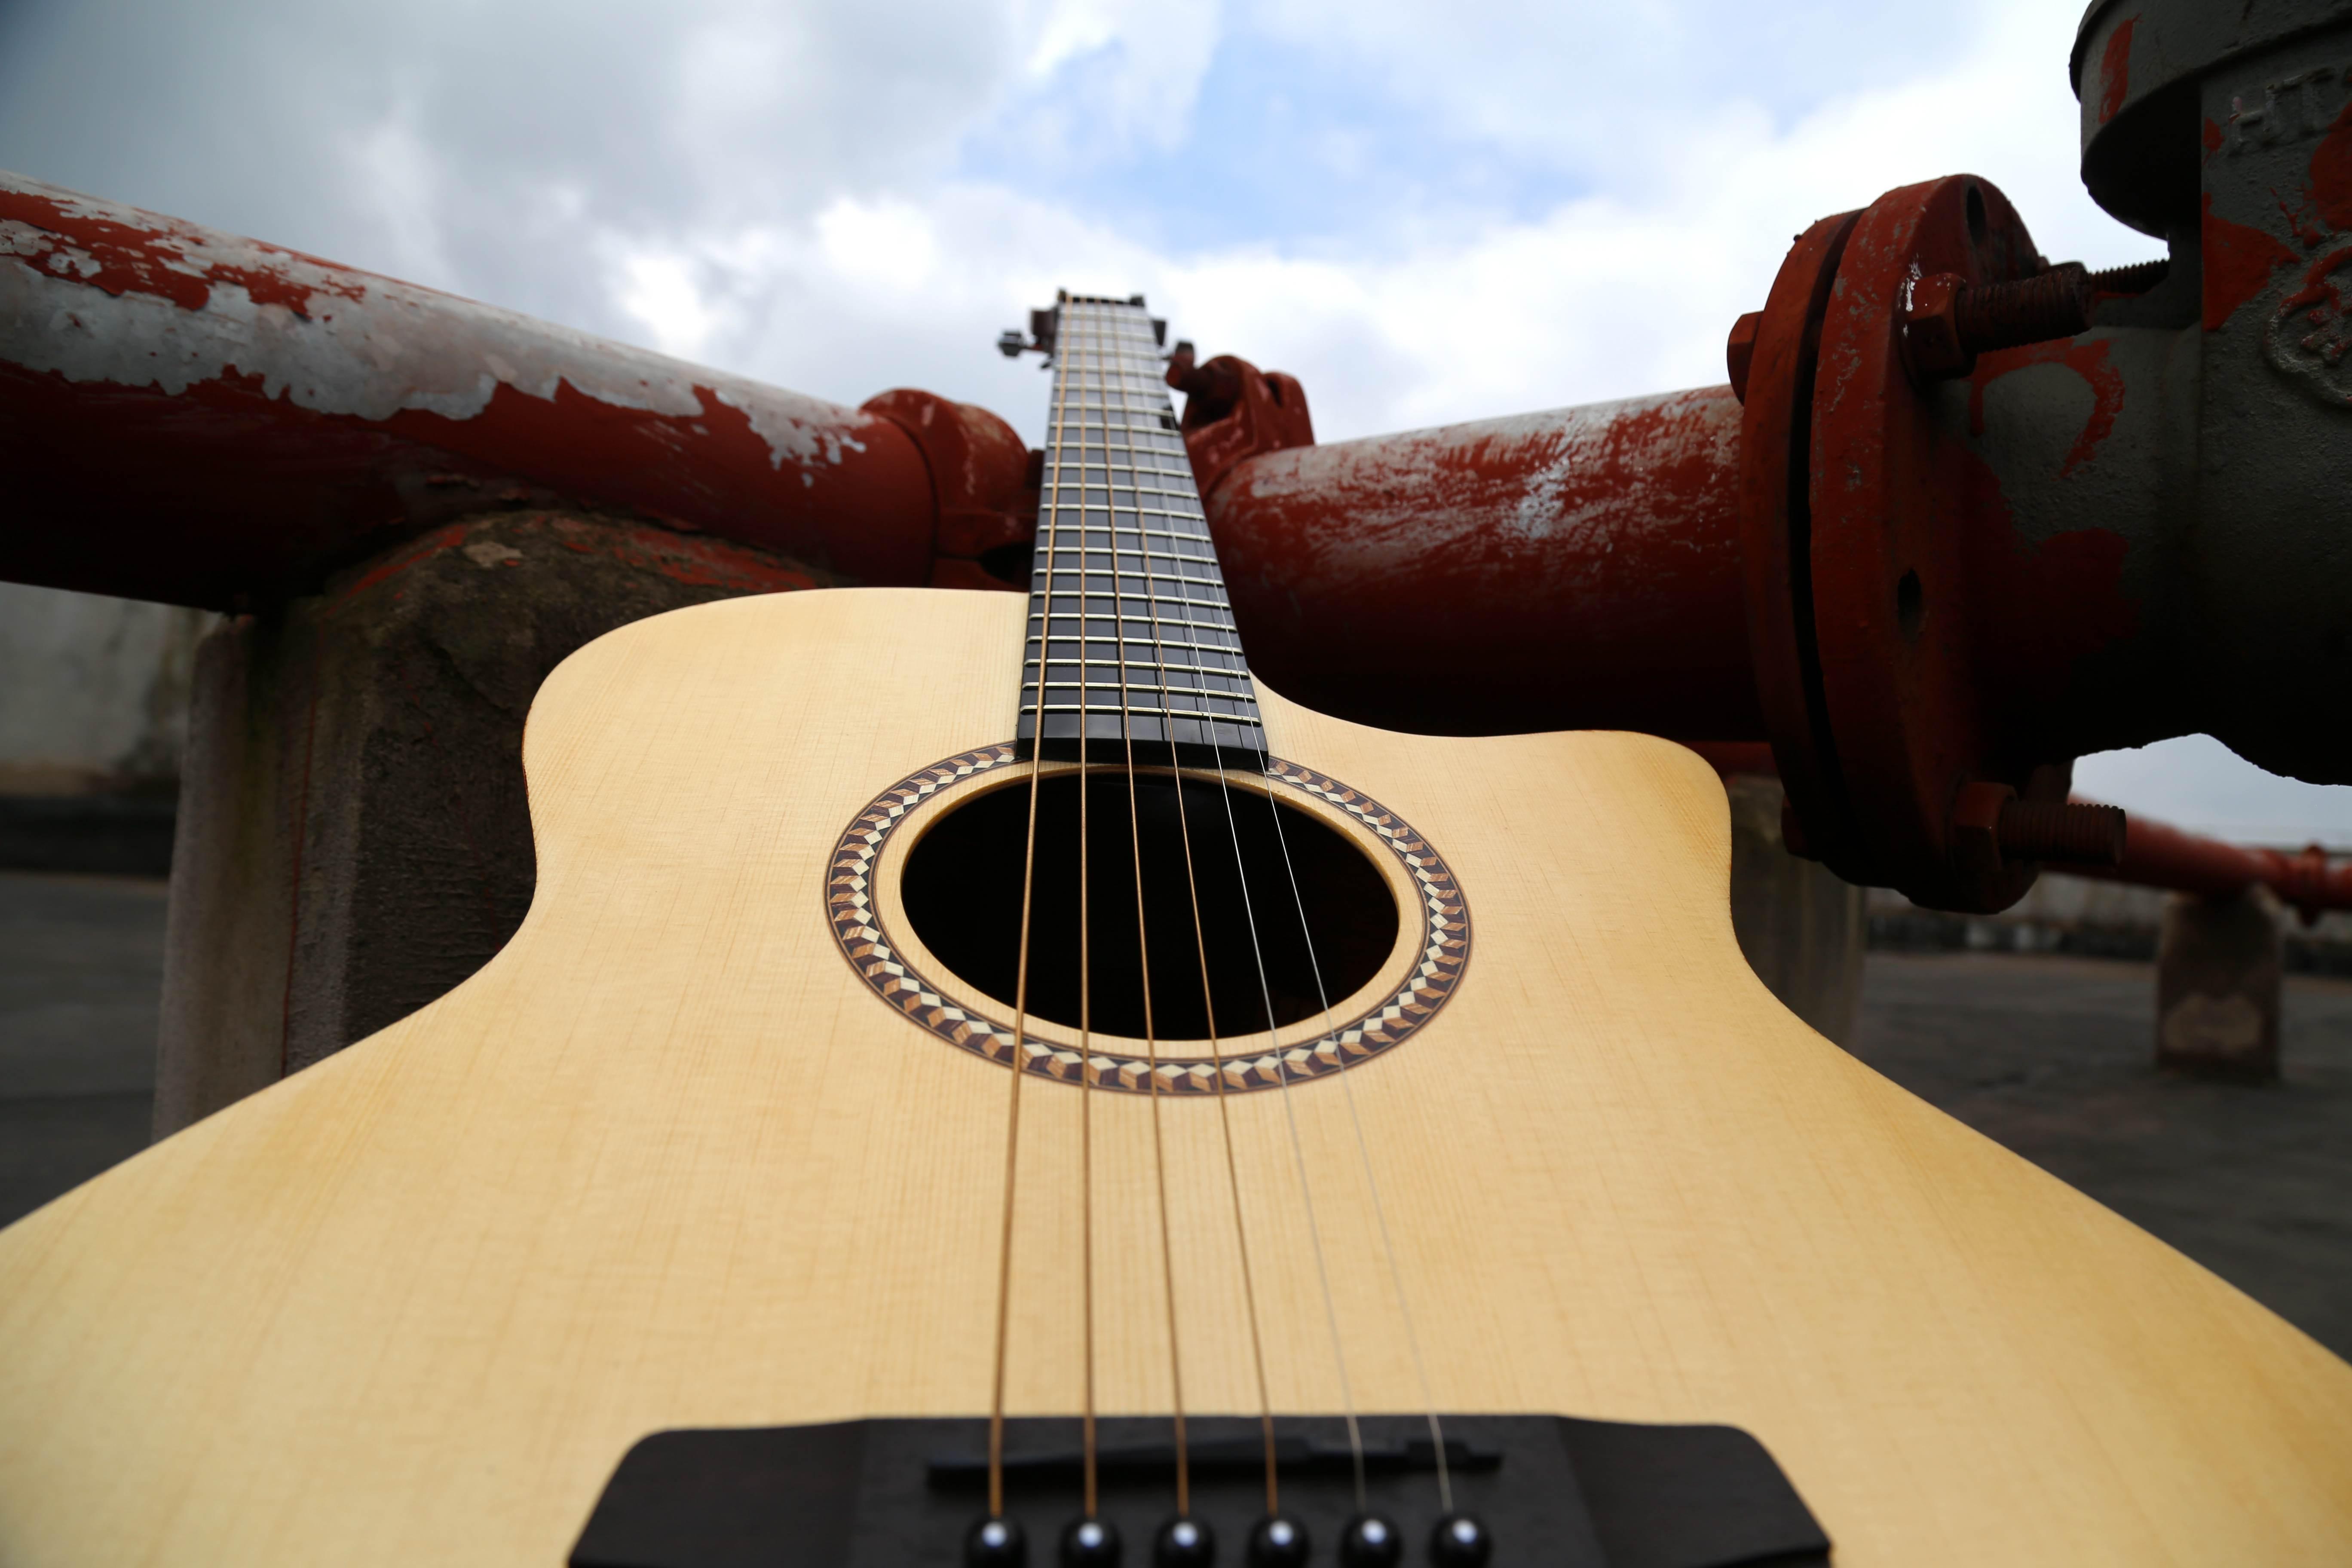 我从开始玩吉他到现在, 还是头一次见到这么可爱的吉他,不用微笑便已